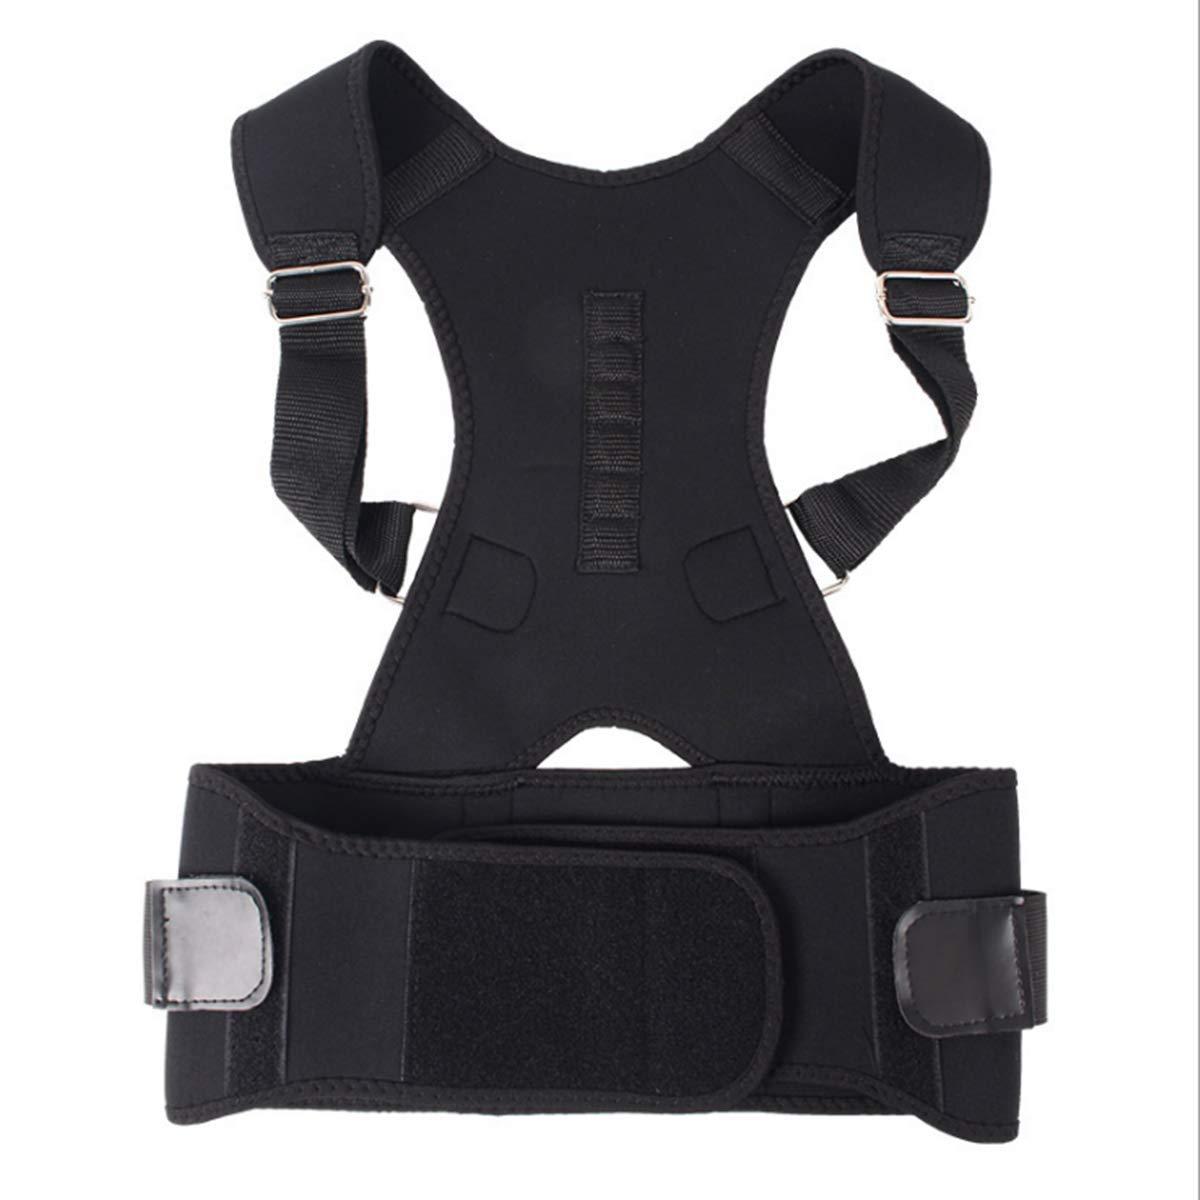 Sviuse Back Posture Corrector for Men and Women - Adjustable Shoulder Brace Support Posture (XXL)